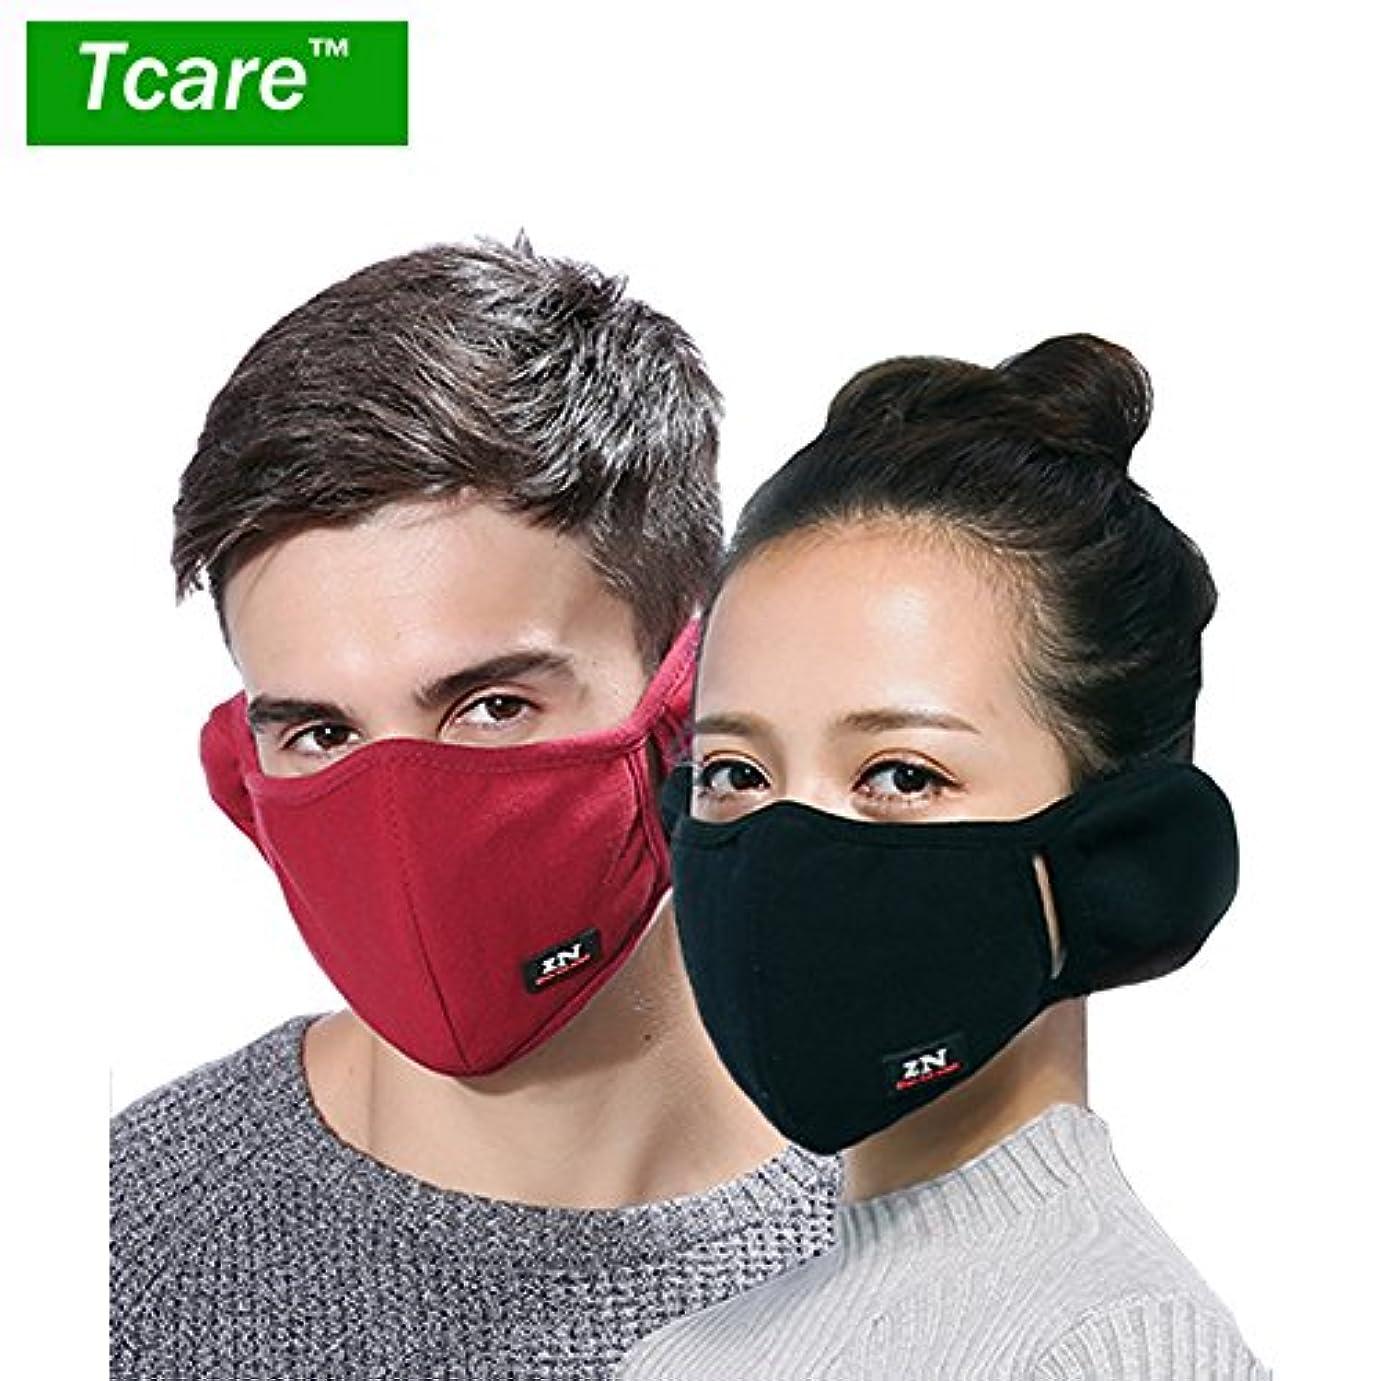 開始支店有効化男性女性の少年少女のためのTcare呼吸器2レイヤピュアコットン保護フィルター挿入口:5ブラウン